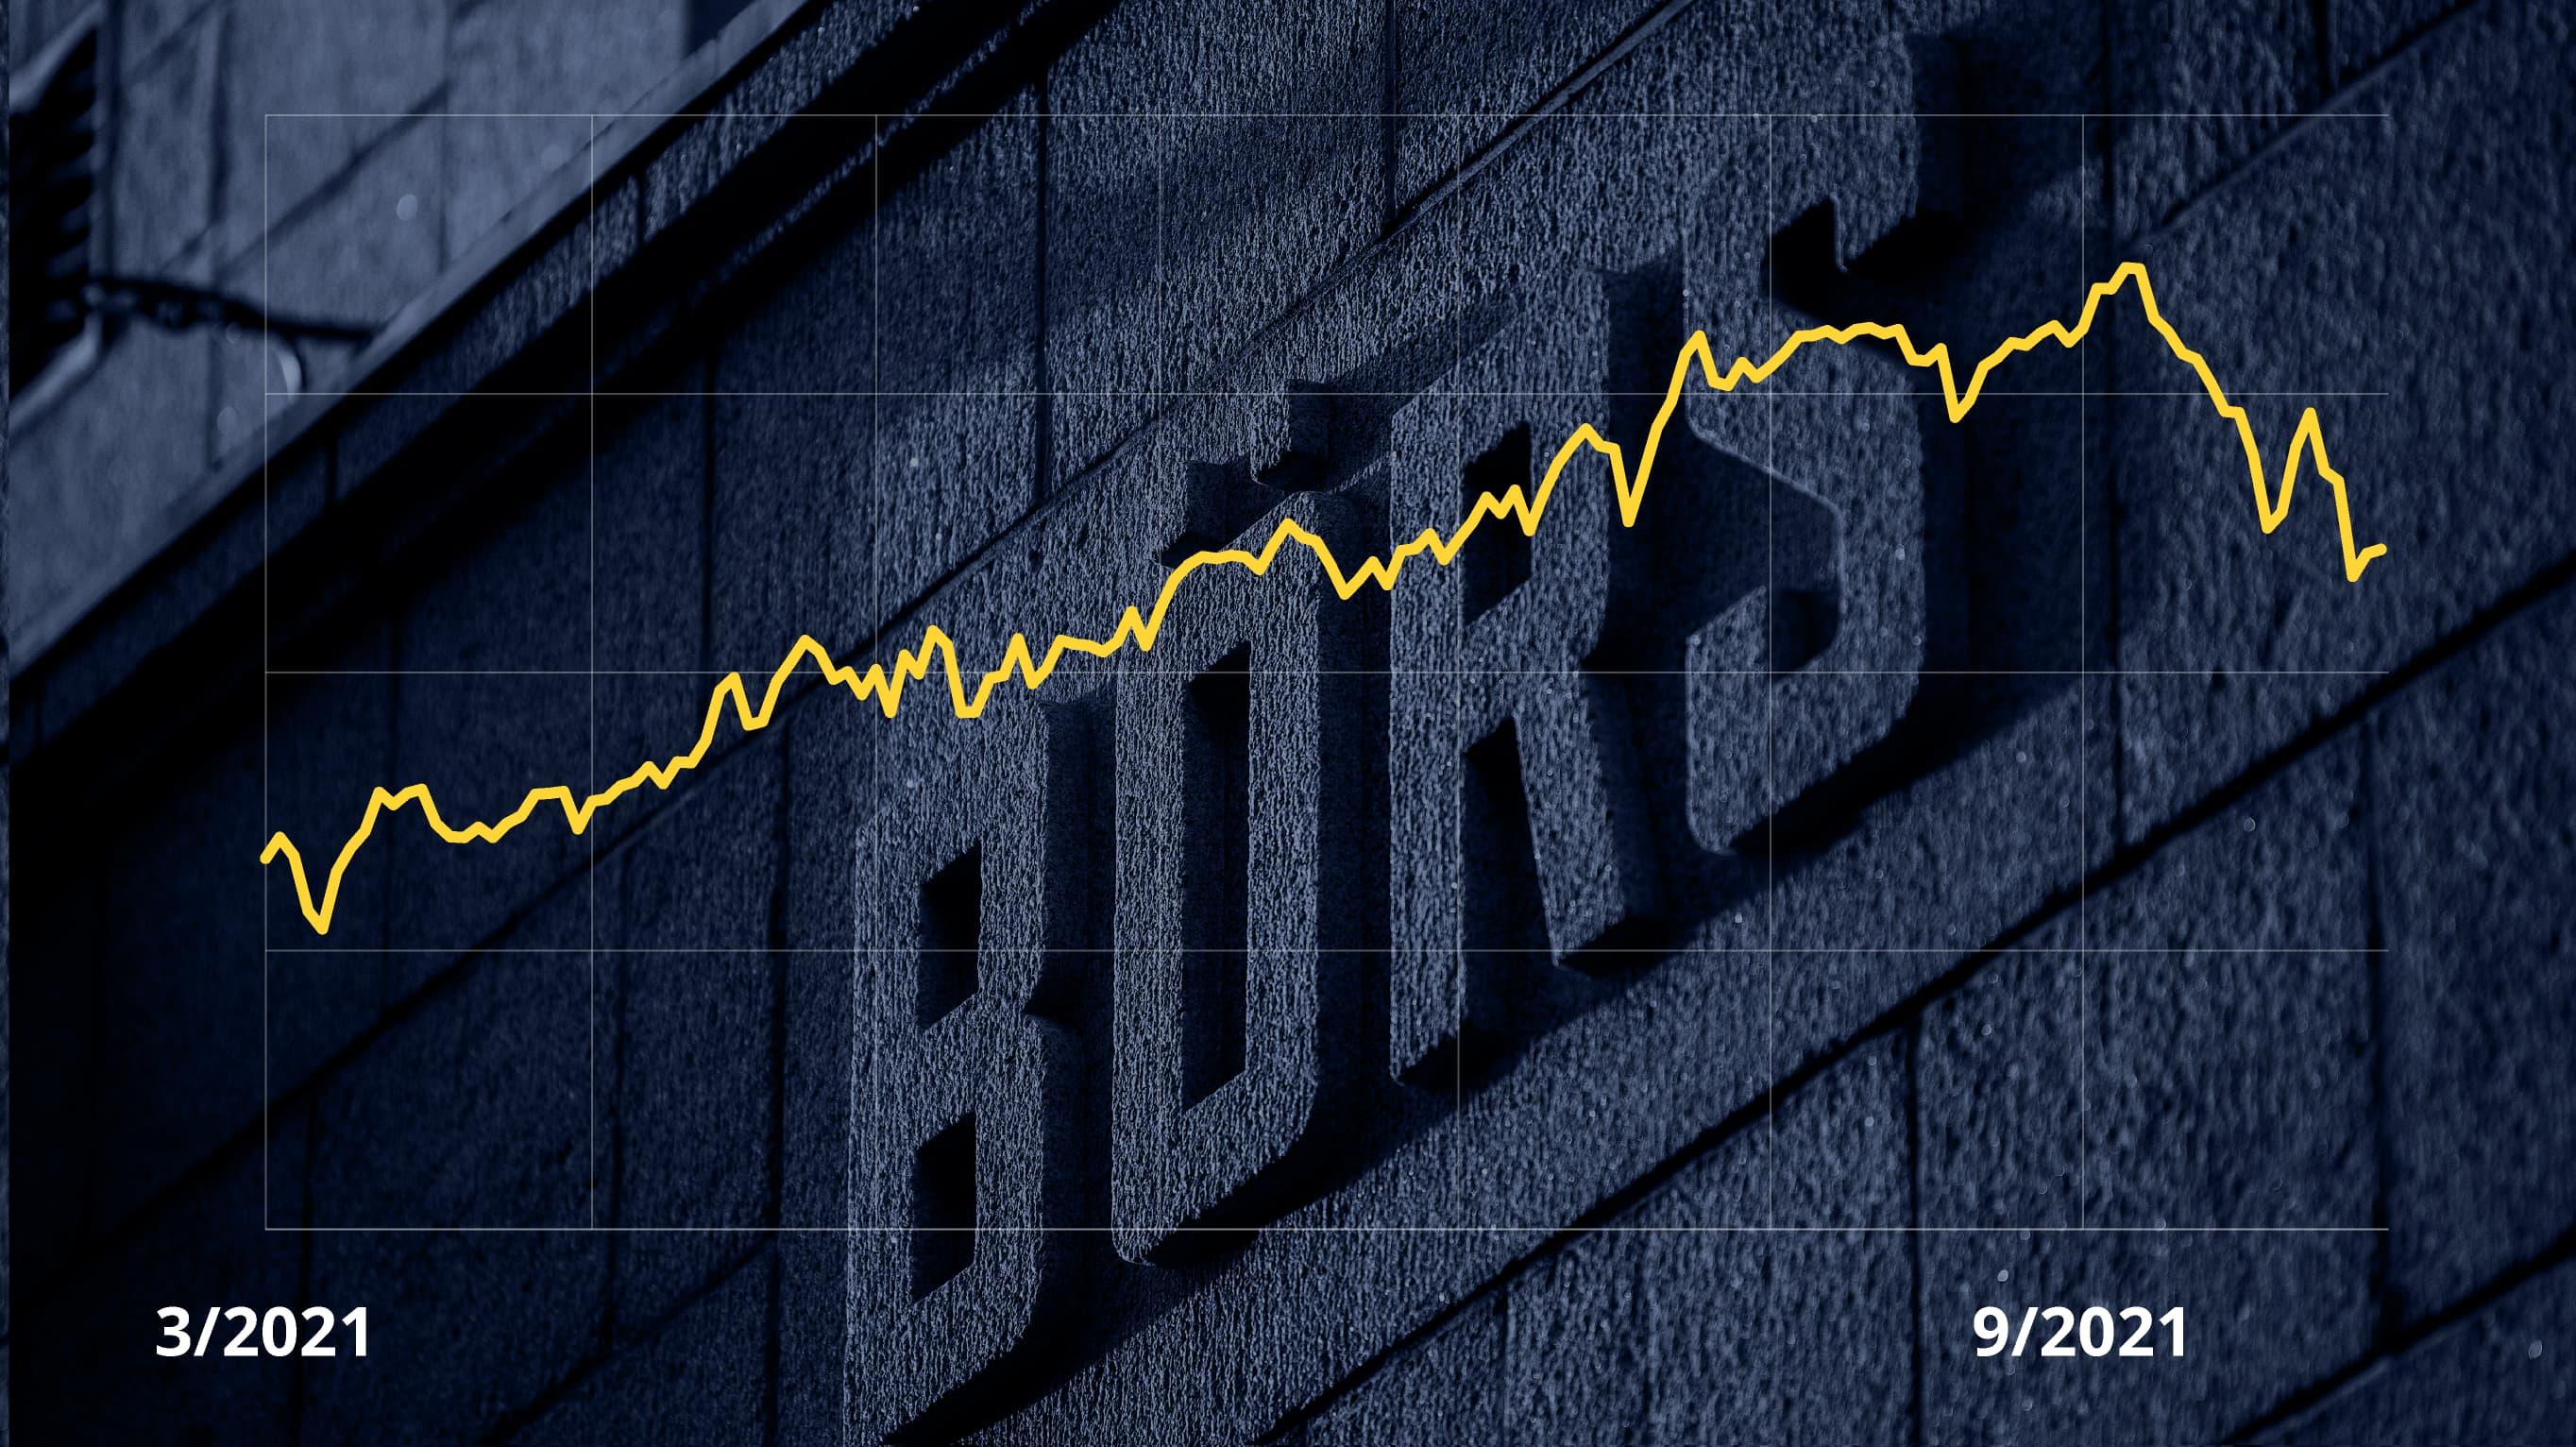 Grafiikka näyttää Helsingin pörssin yleisindeksi OMXHPI:n kehityksen maaliskuun alusta.